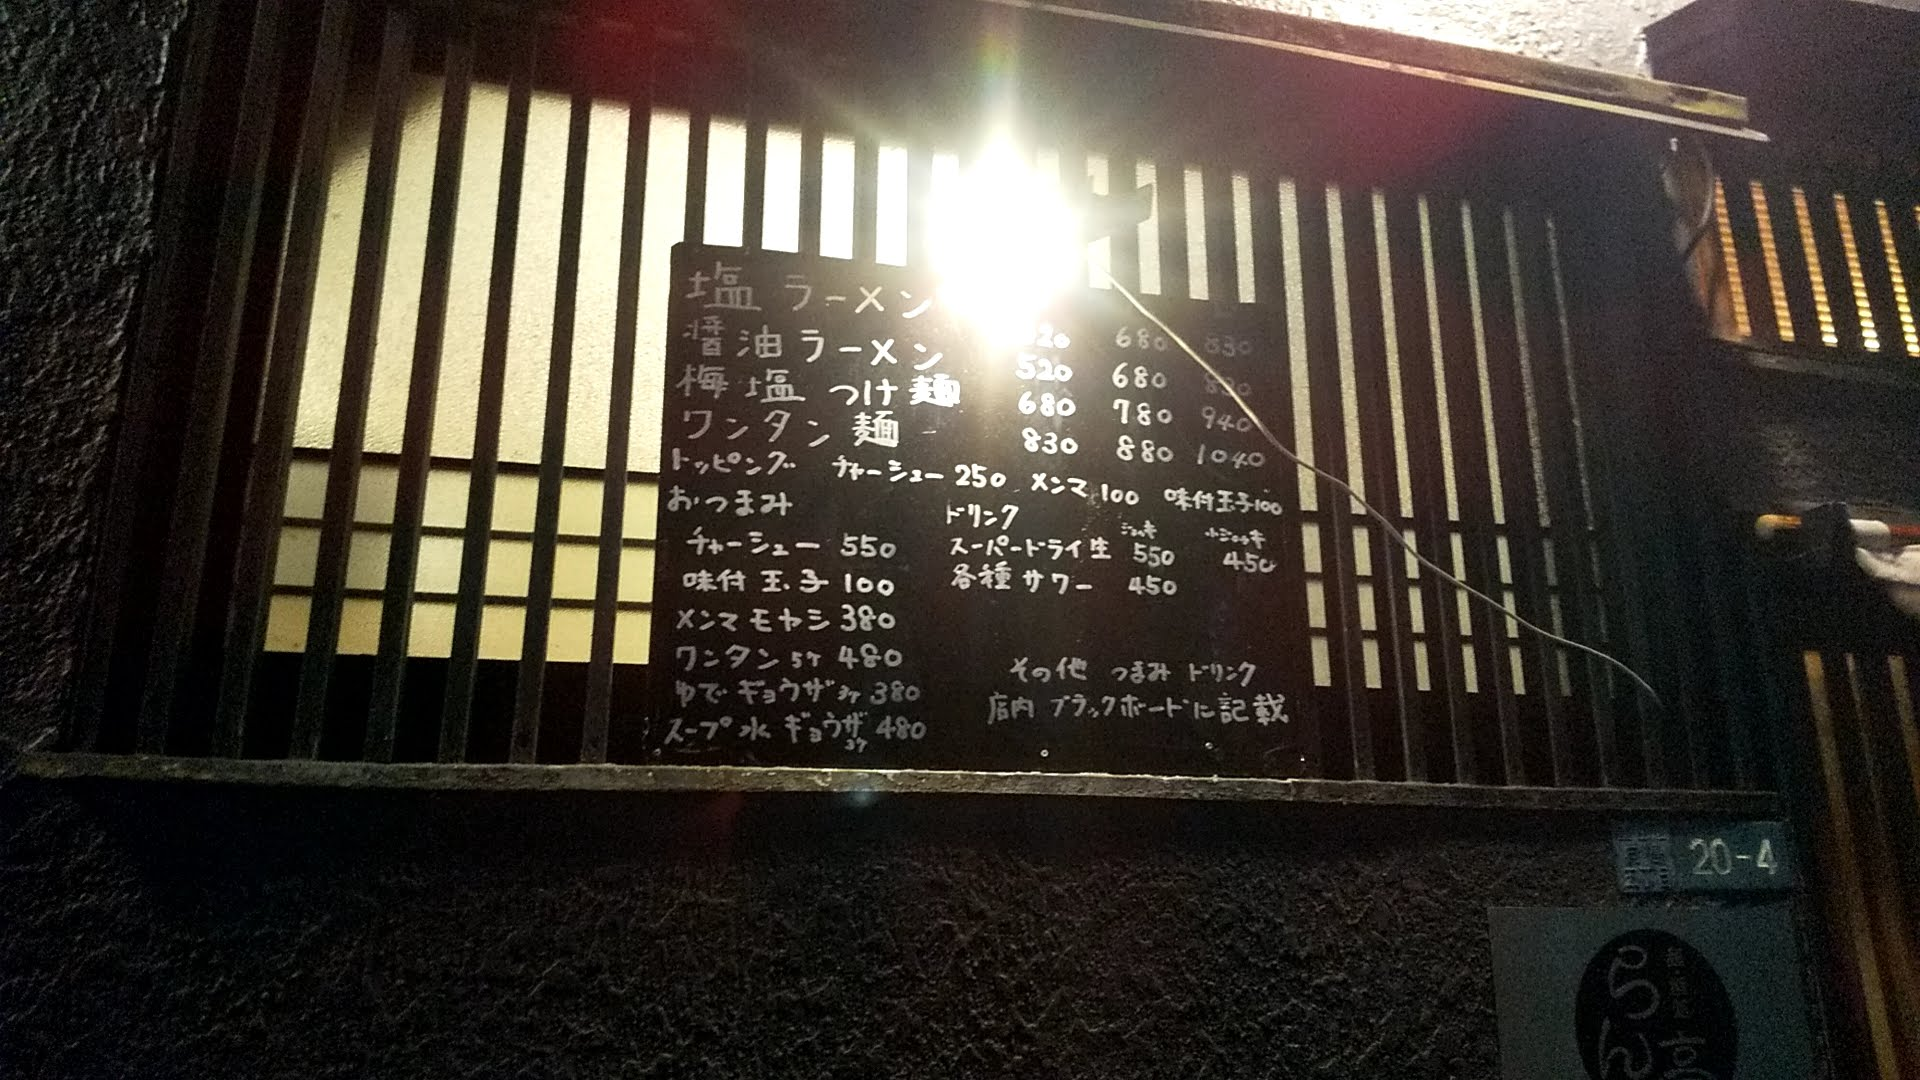 らん亭の外壁にある手書きメニュー